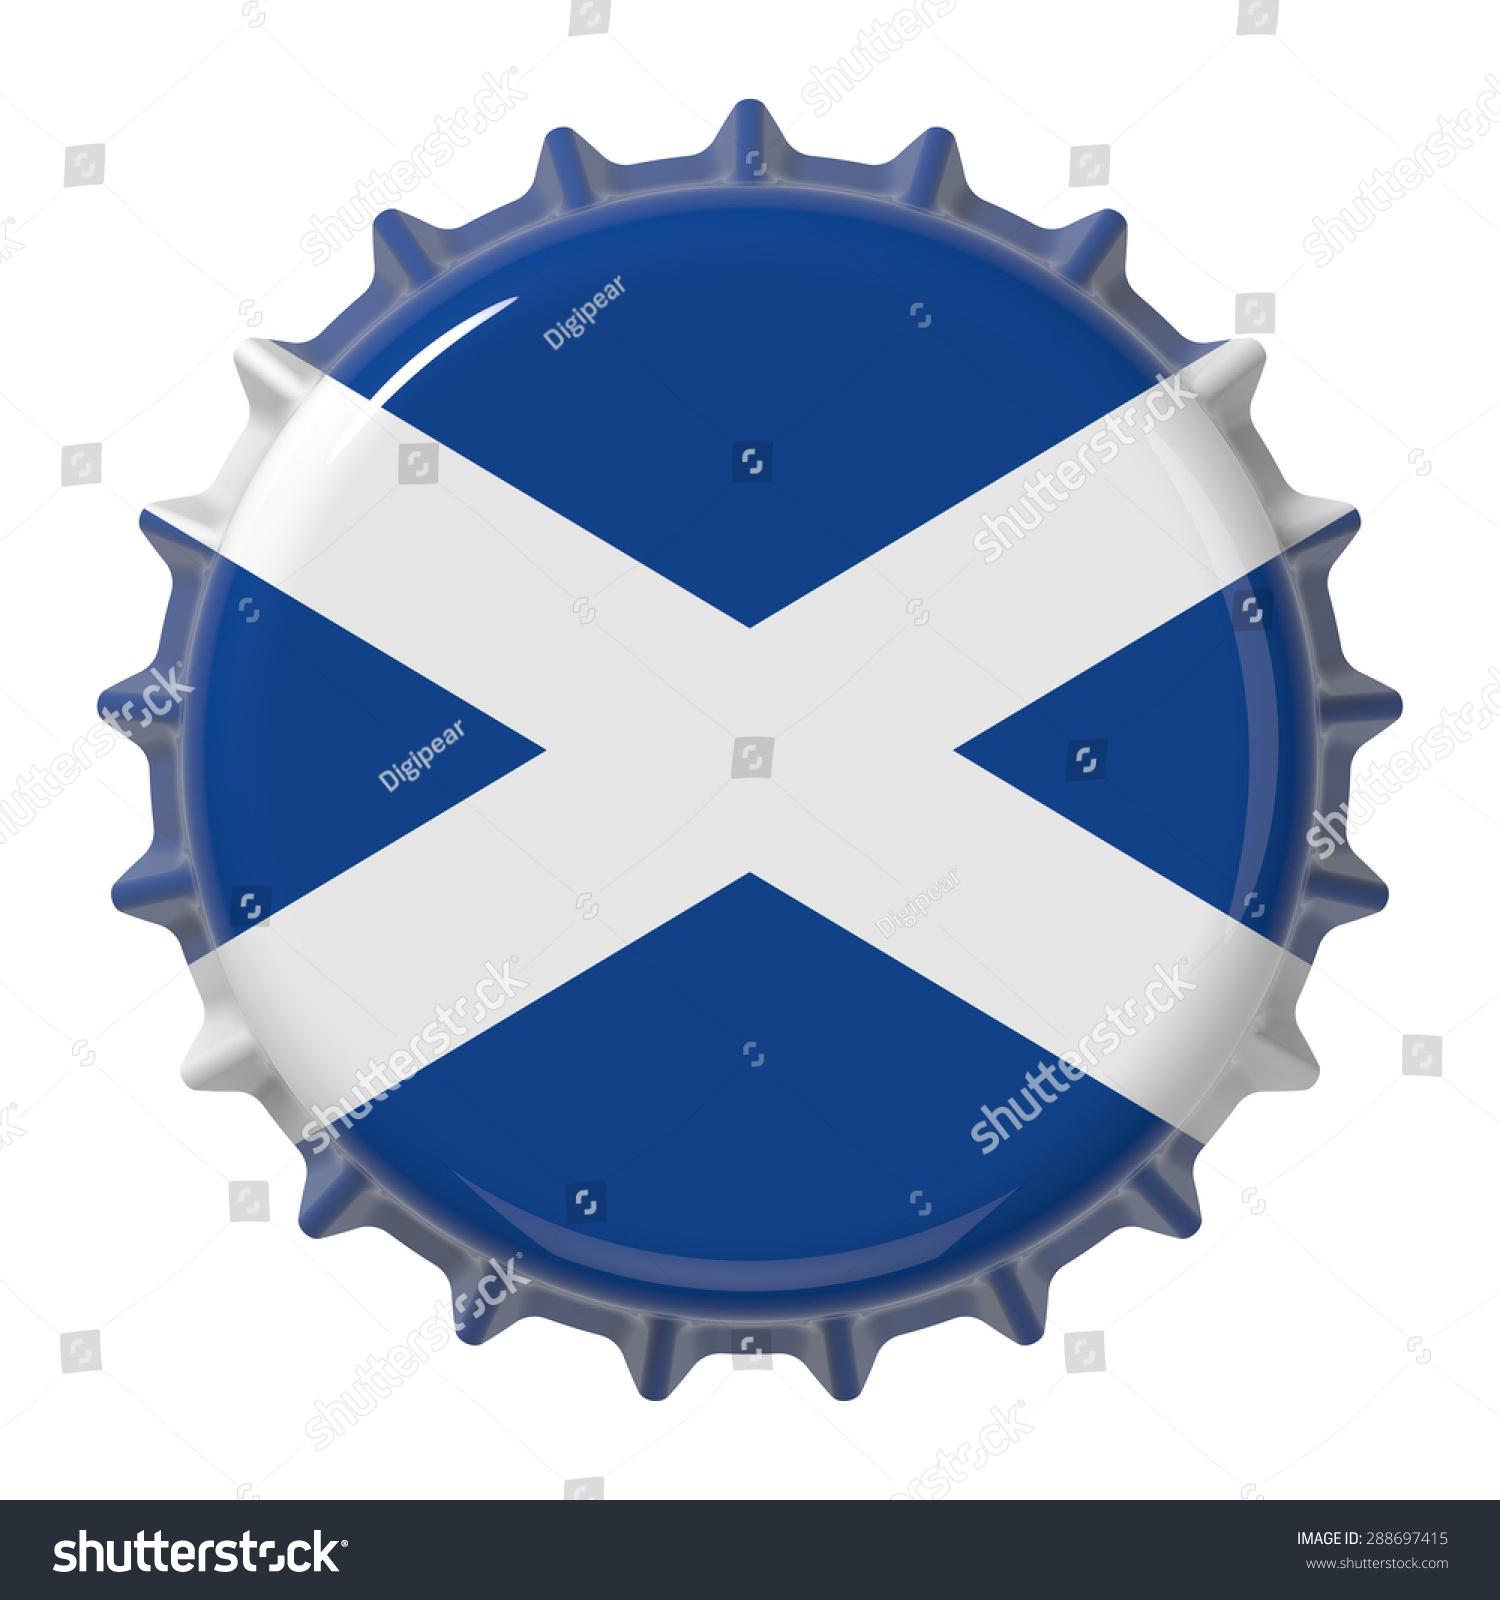 scottish flag on bottle cap 3d stock illustration 288697415